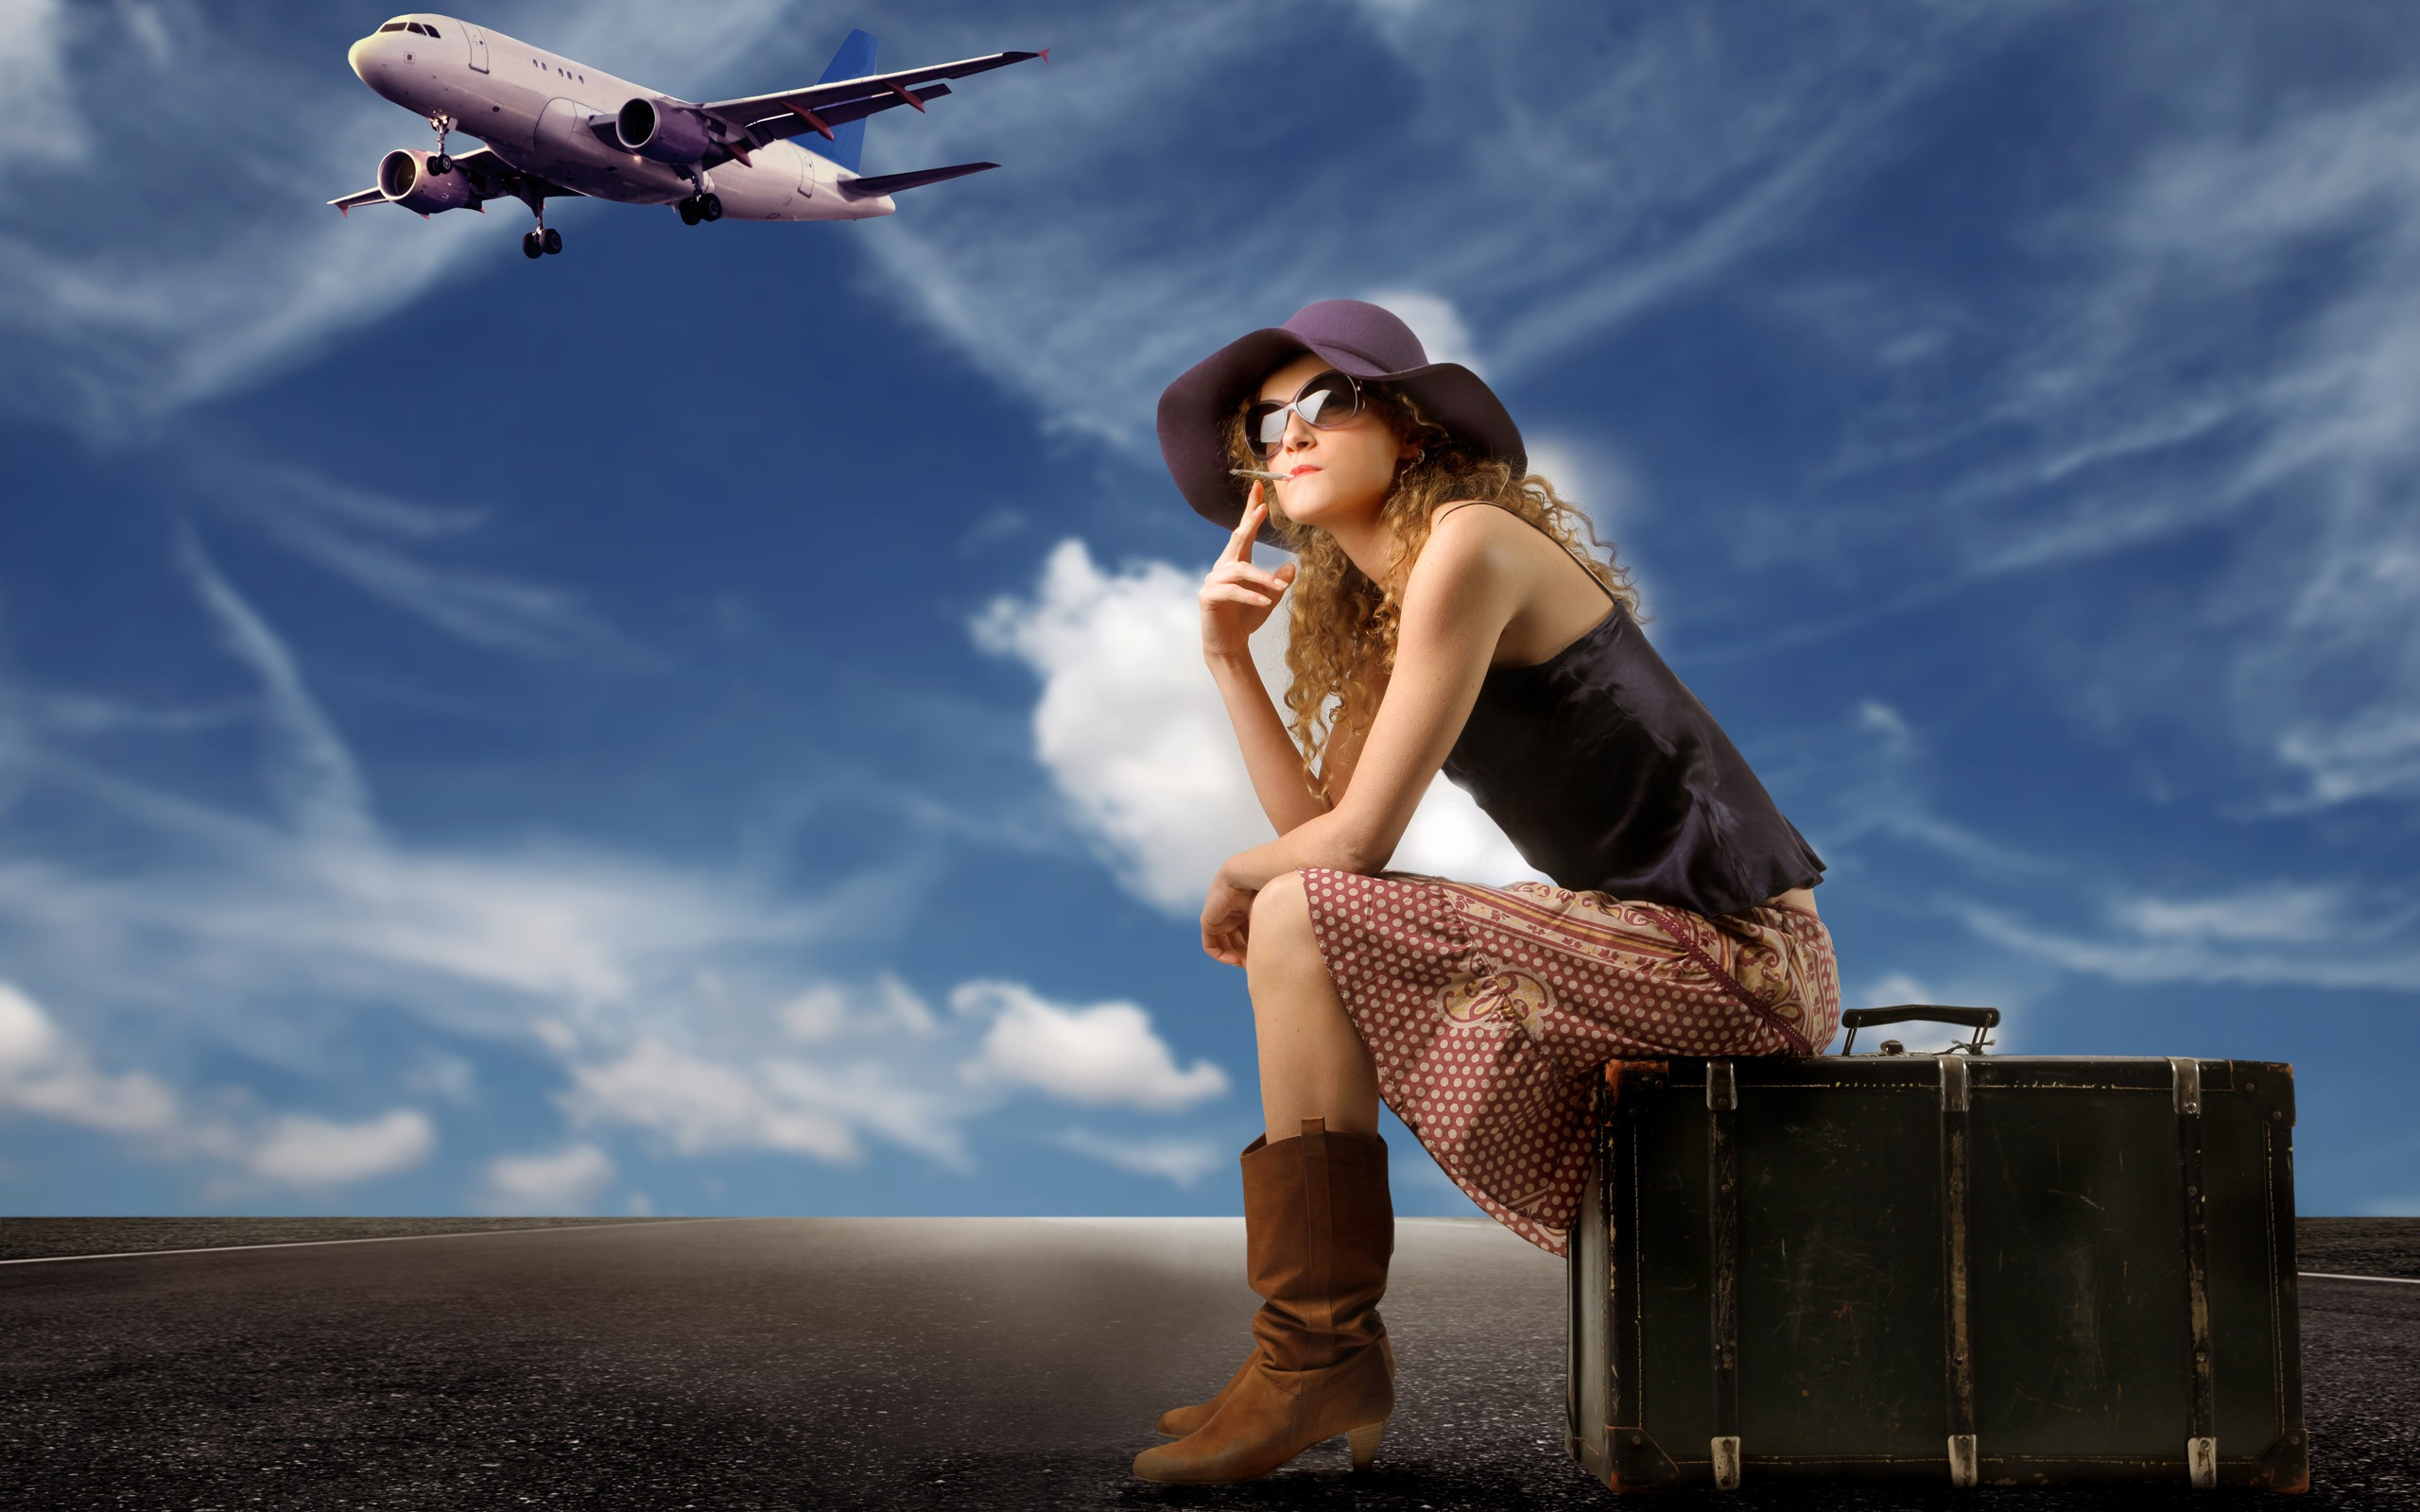 Una chica viajera y sus maletas - 2560x1600